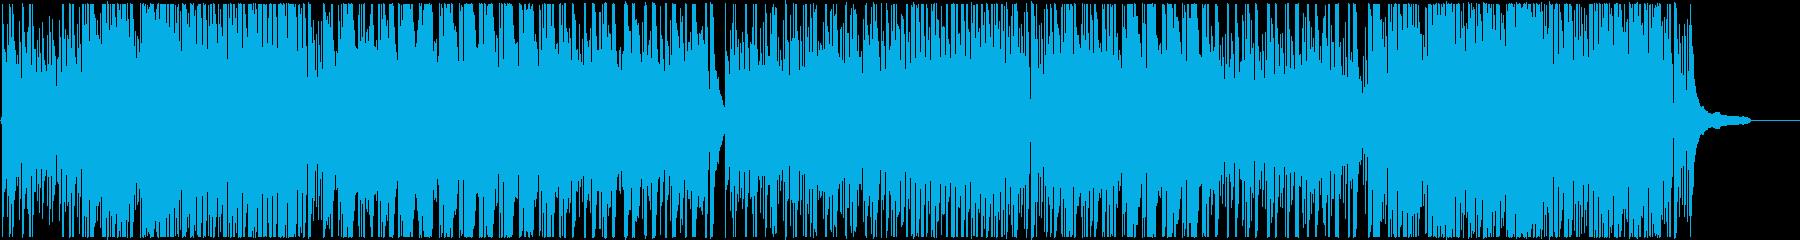 オーガニックなサウンド、アコースティックの再生済みの波形